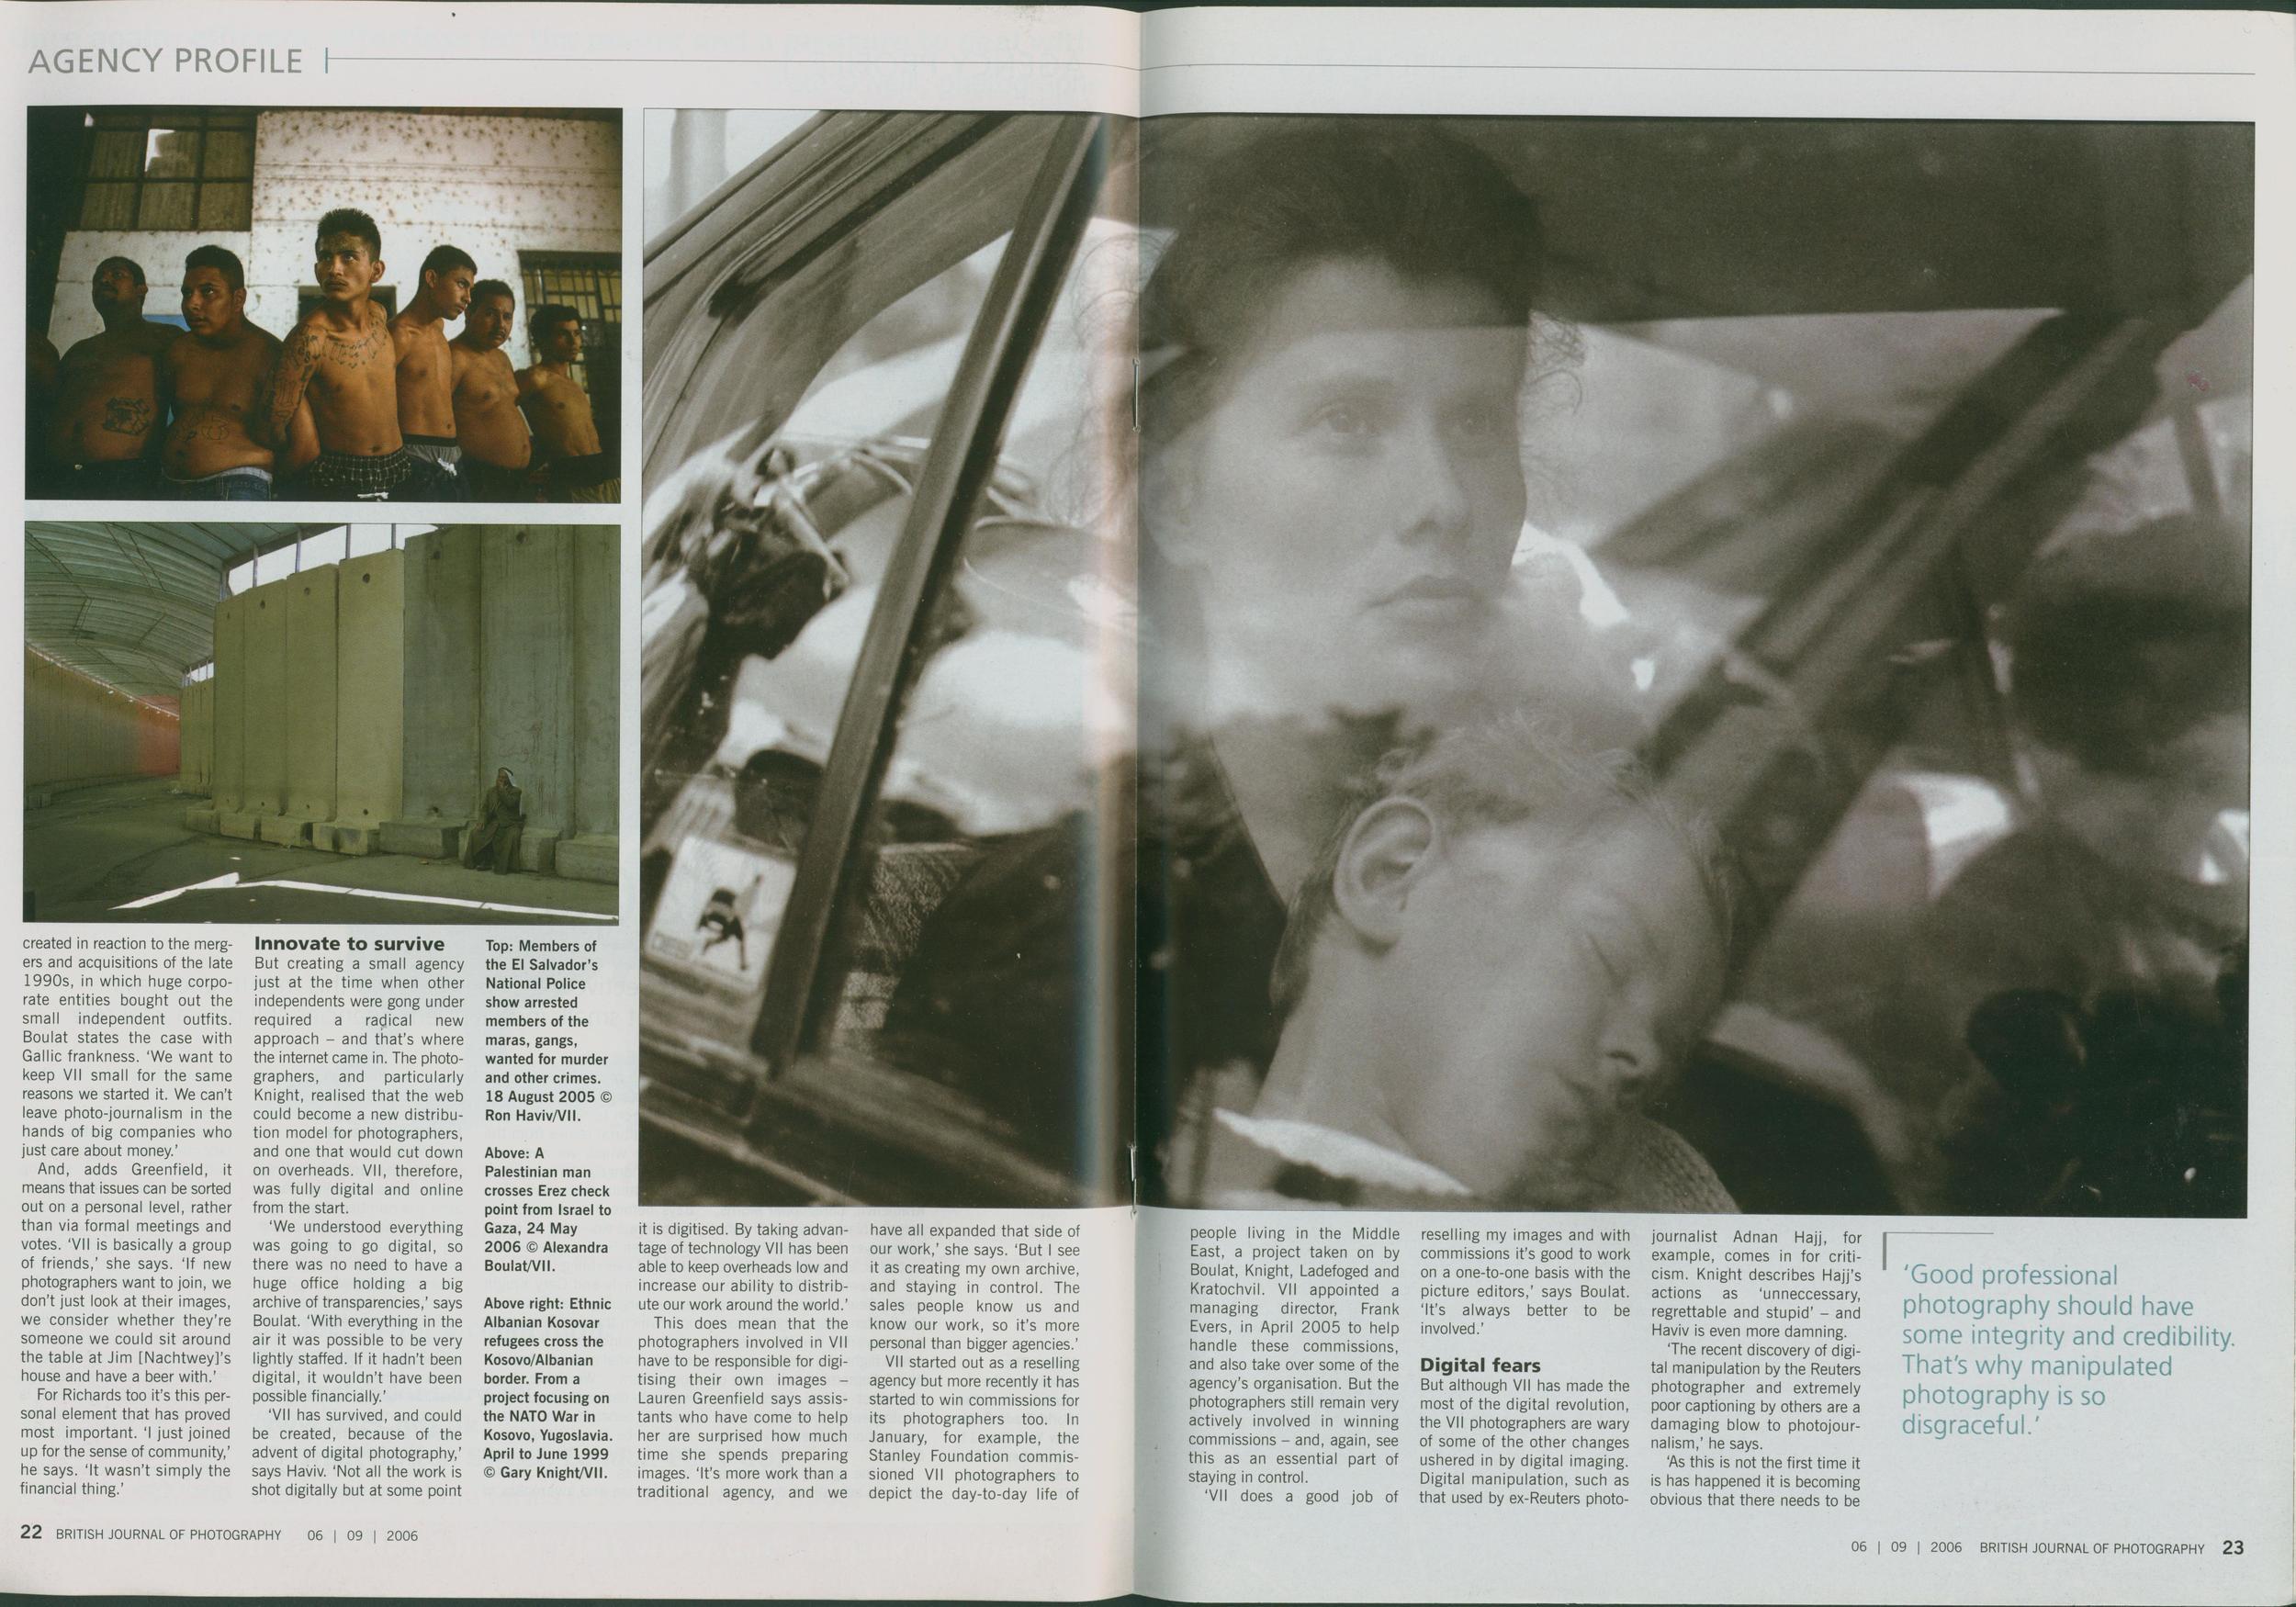 06092006_THE BRITISH JOURNAL OF PHOTOGRAPHY_KOSOVO_0001.jpg